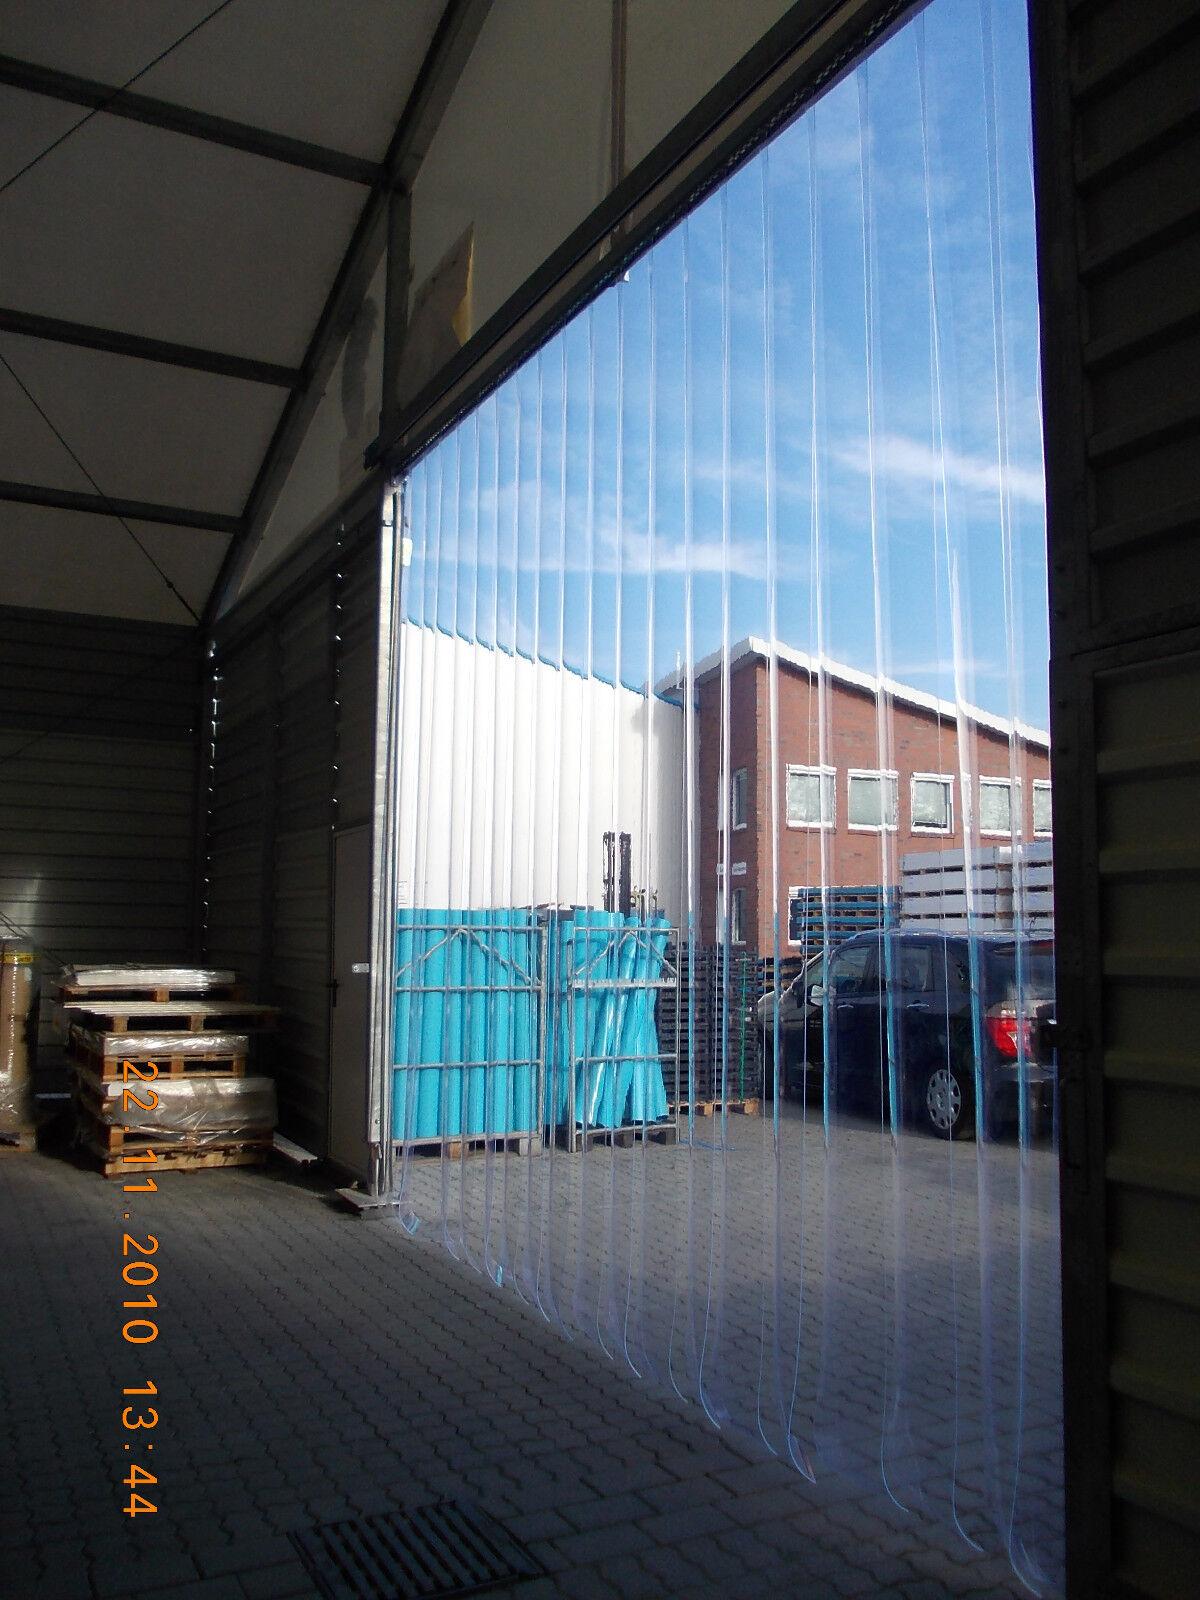 Strisce sipario morbido PVC larghezzaaltezza 1,75 M x 3,75 M 300 x 3 mm